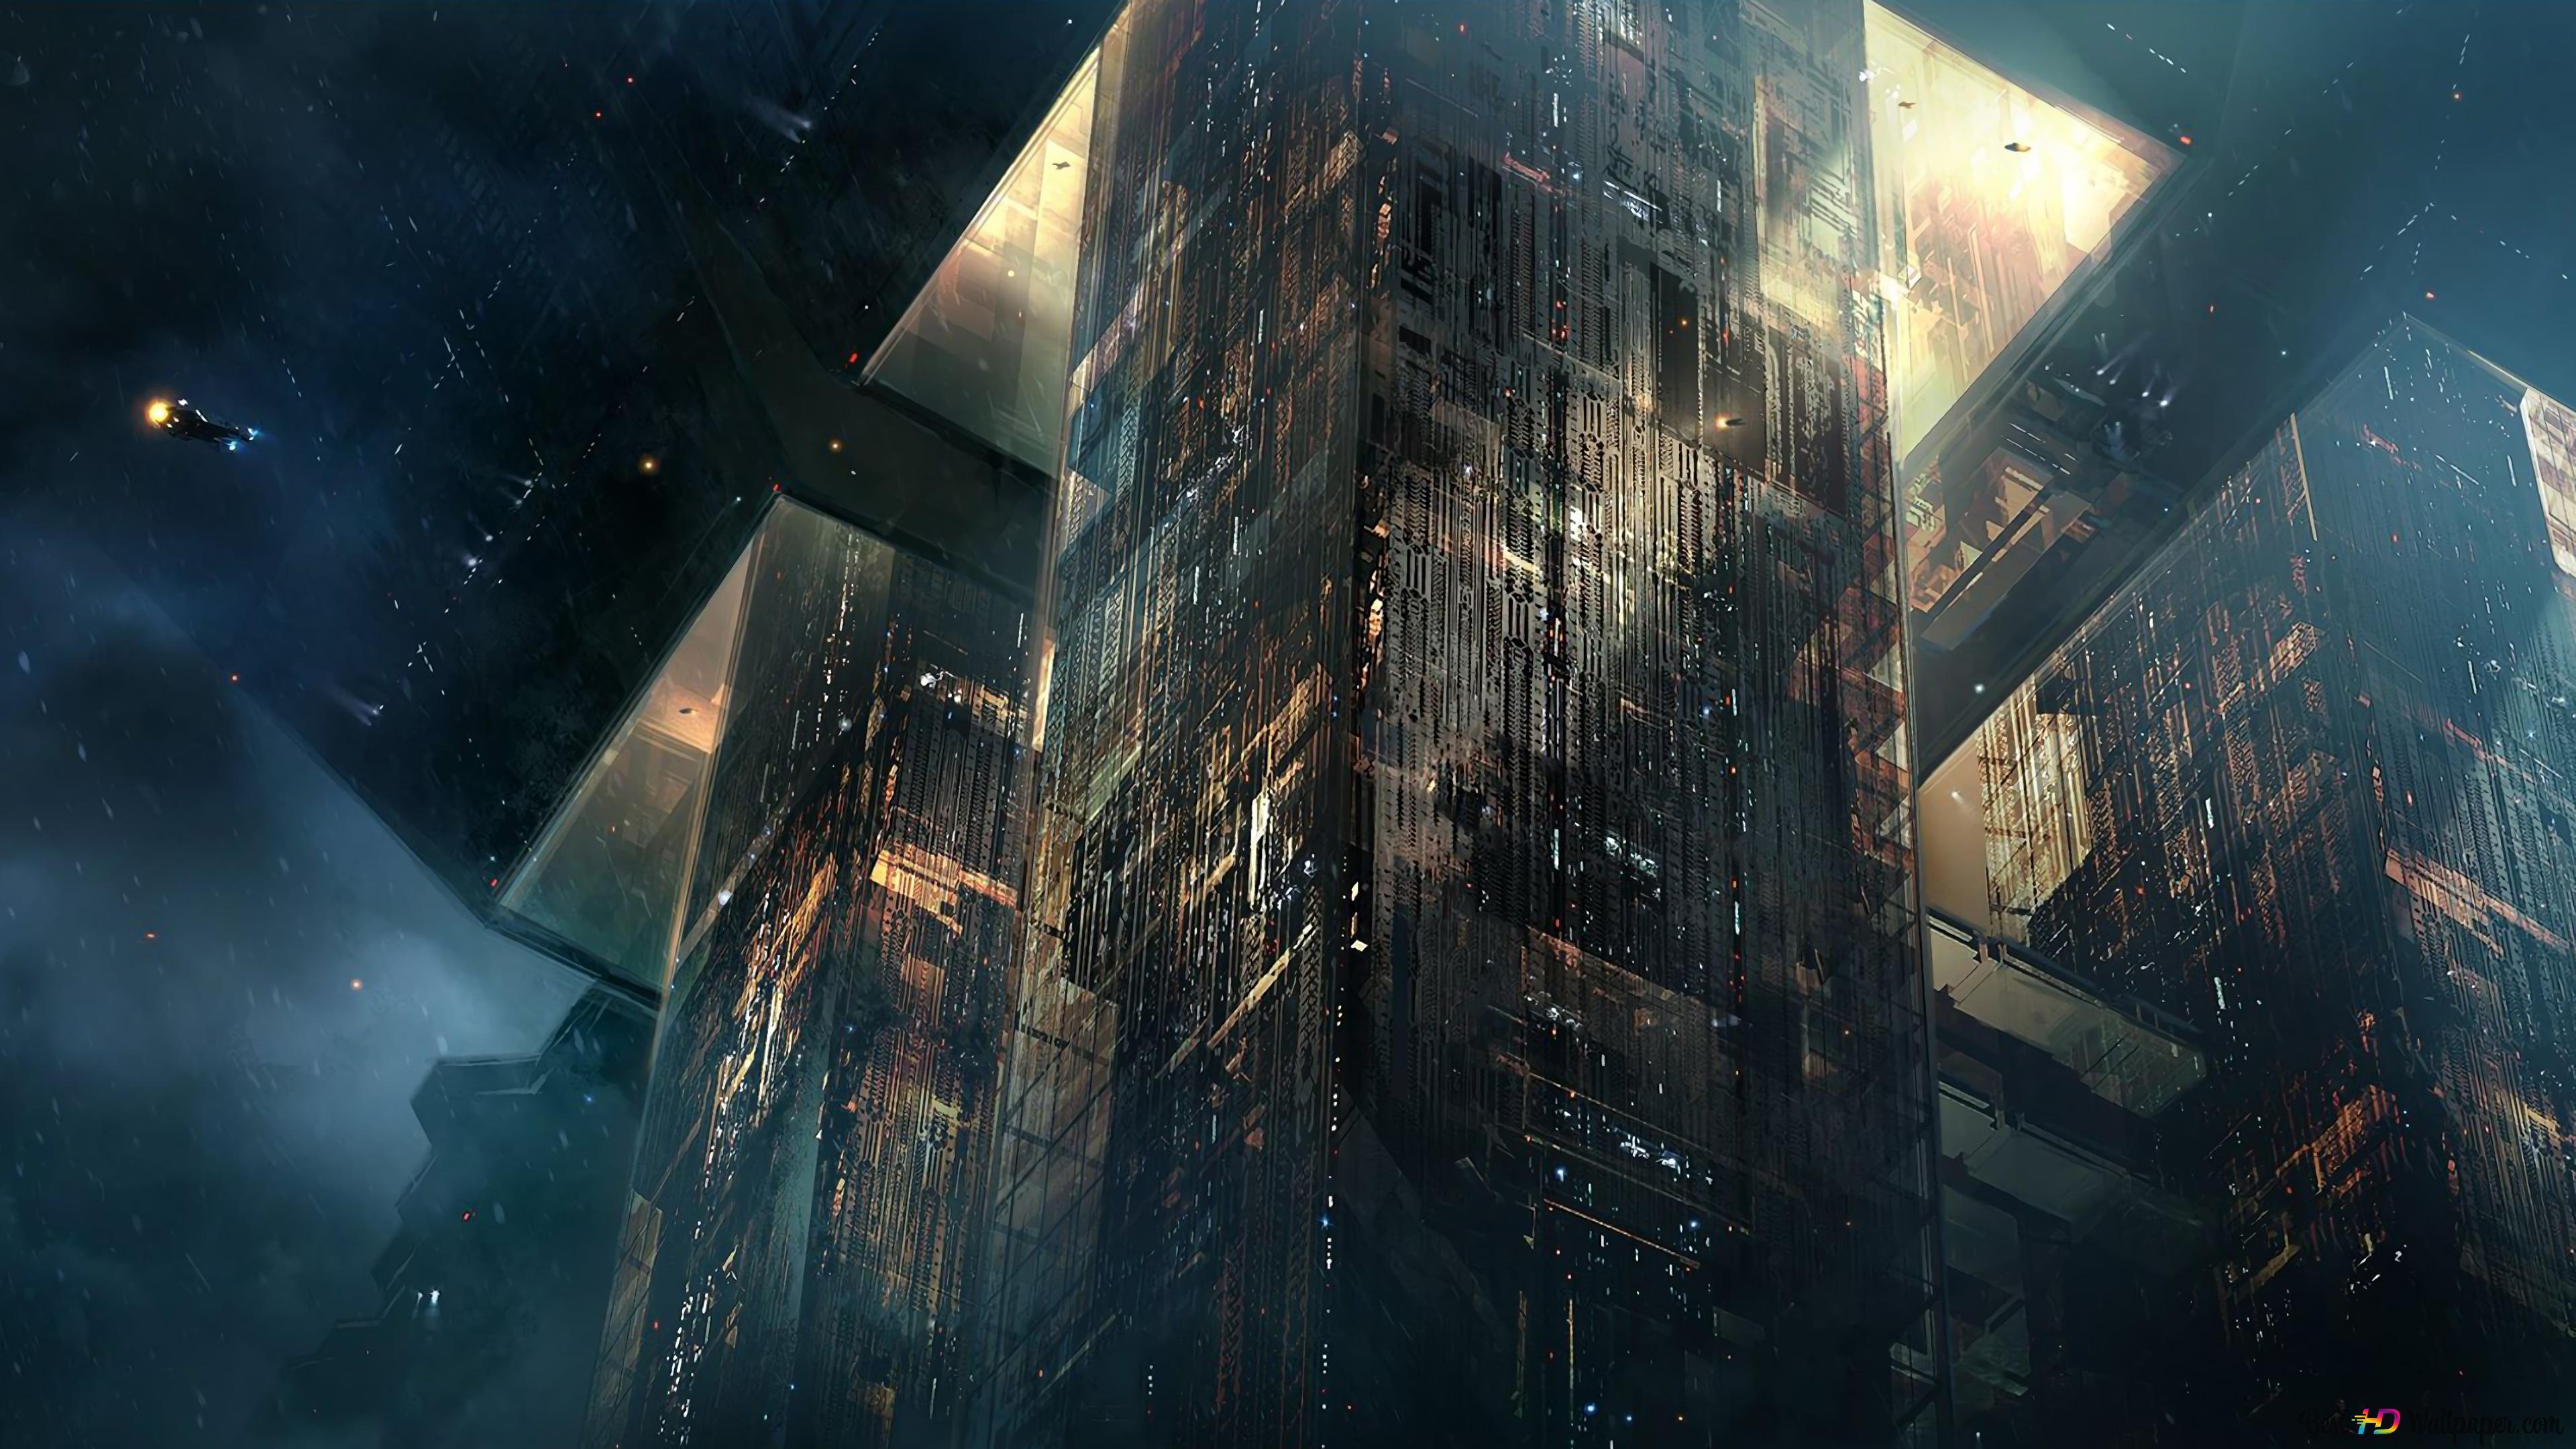 Blade Runner 2049 Cyberpunk Spinner Hd Wallpaper Download